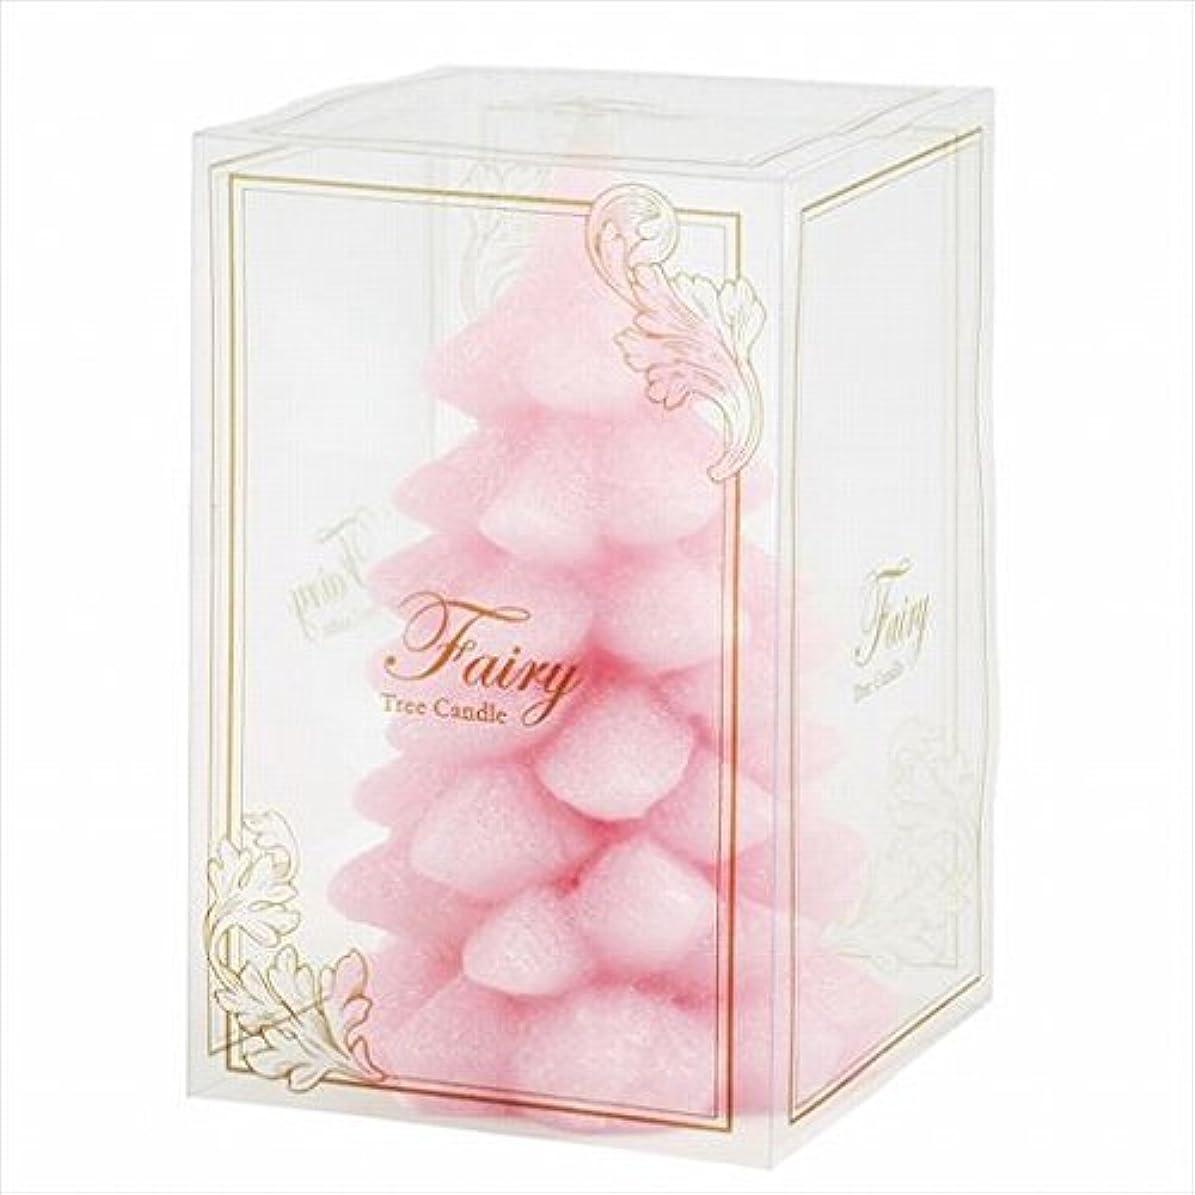 咳店員肥満カメヤマキャンドル(kameyama candle) フェアリーツリーL 「 ピンク 」